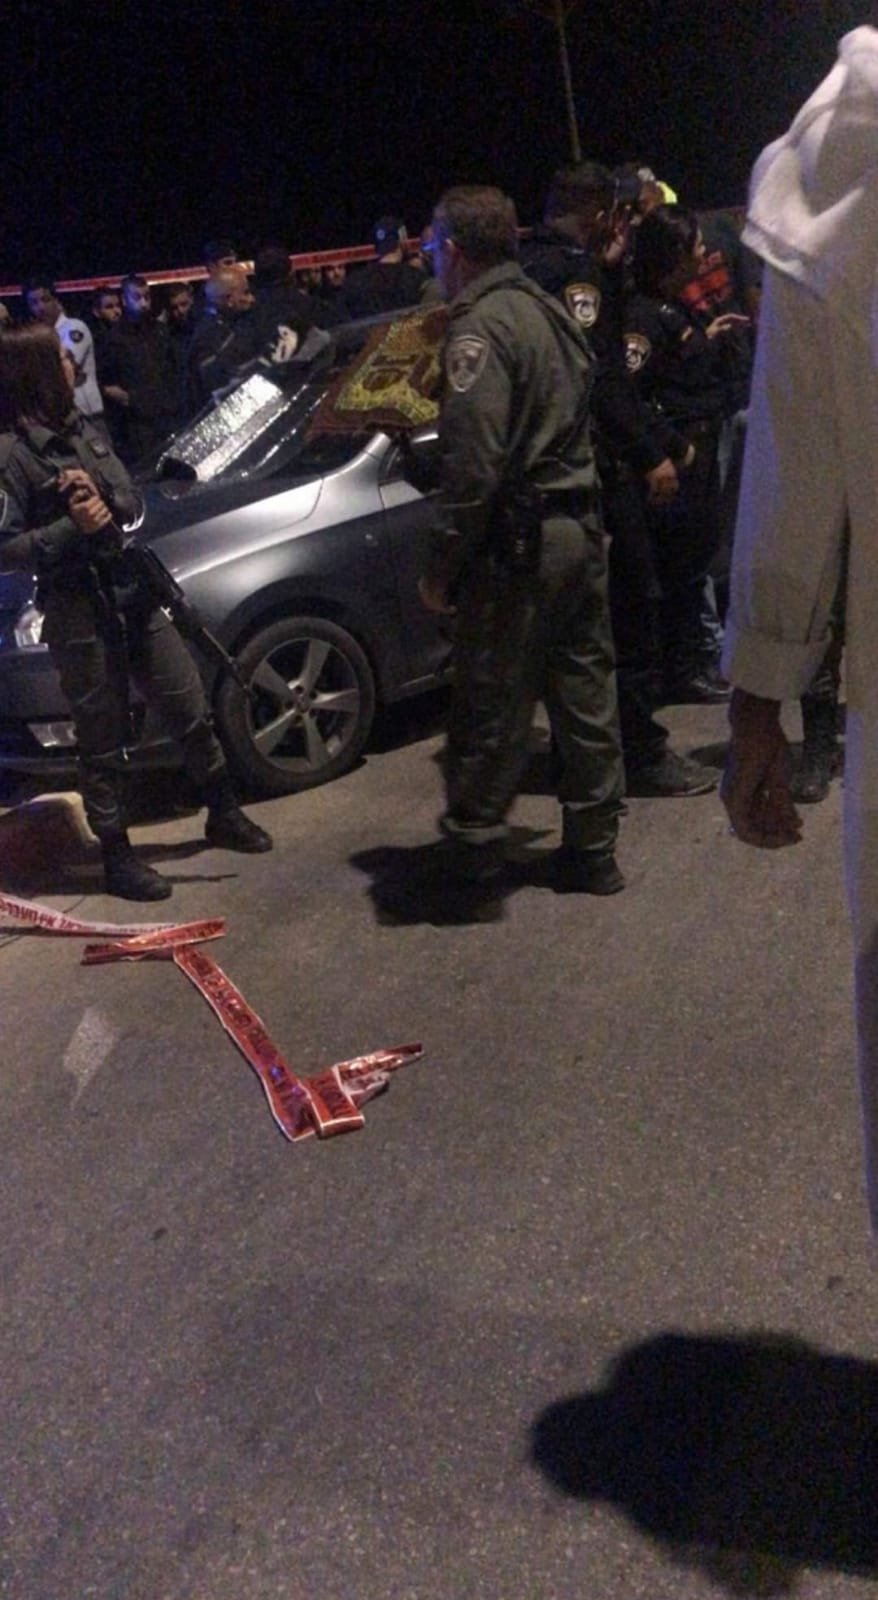 (فيديو) تل السبع: مصرع جلال ومحمد ابو طه رميًا بالرصاص ومواجهات مع الشرطة!